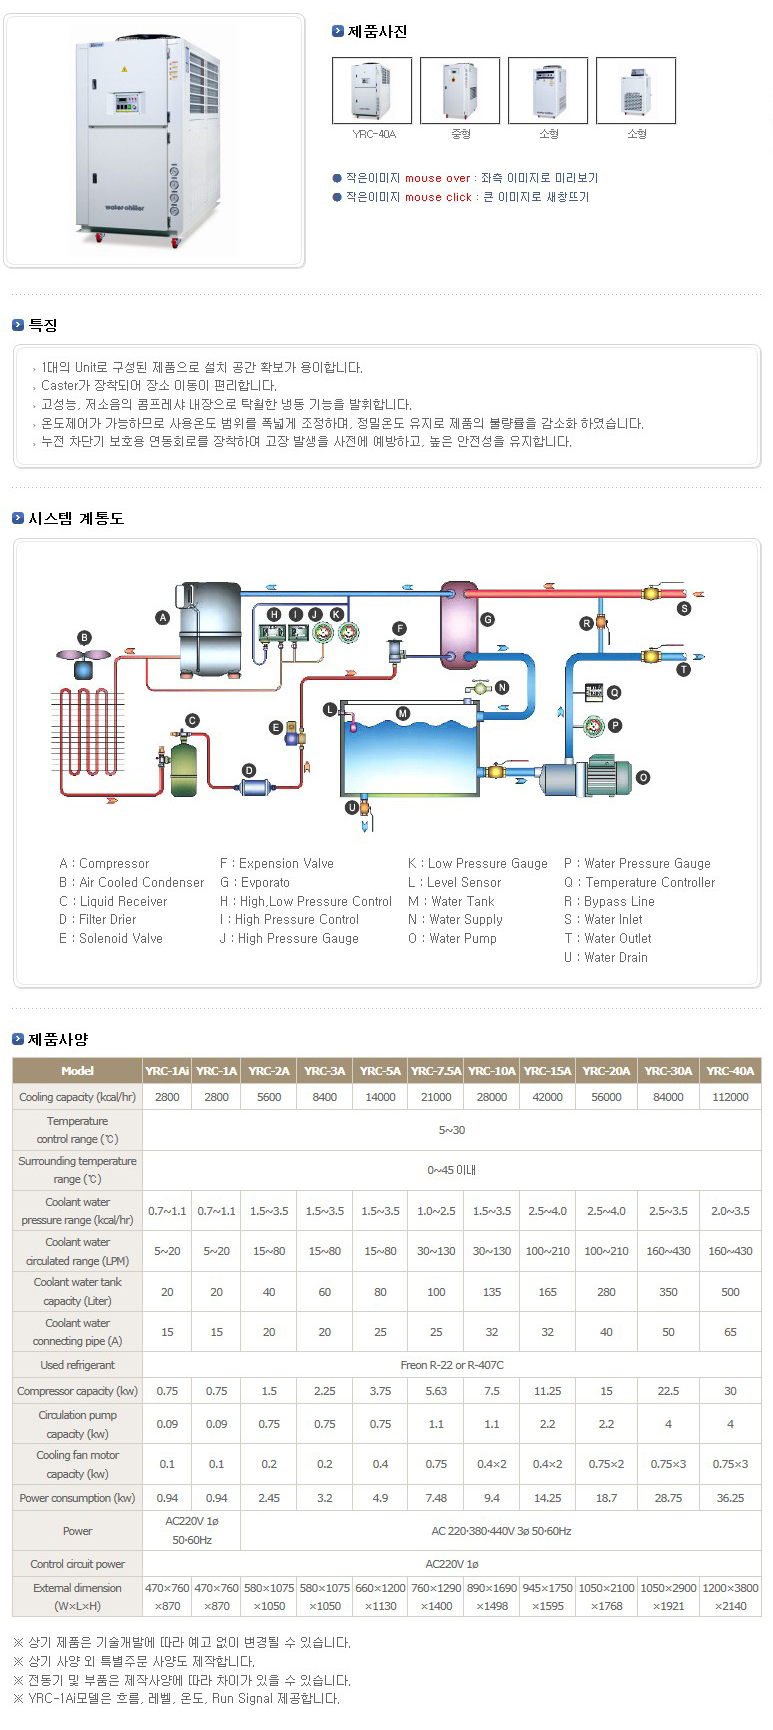 (주)예스쿨 공냉식 일체형 냉각기 YRC-A Series